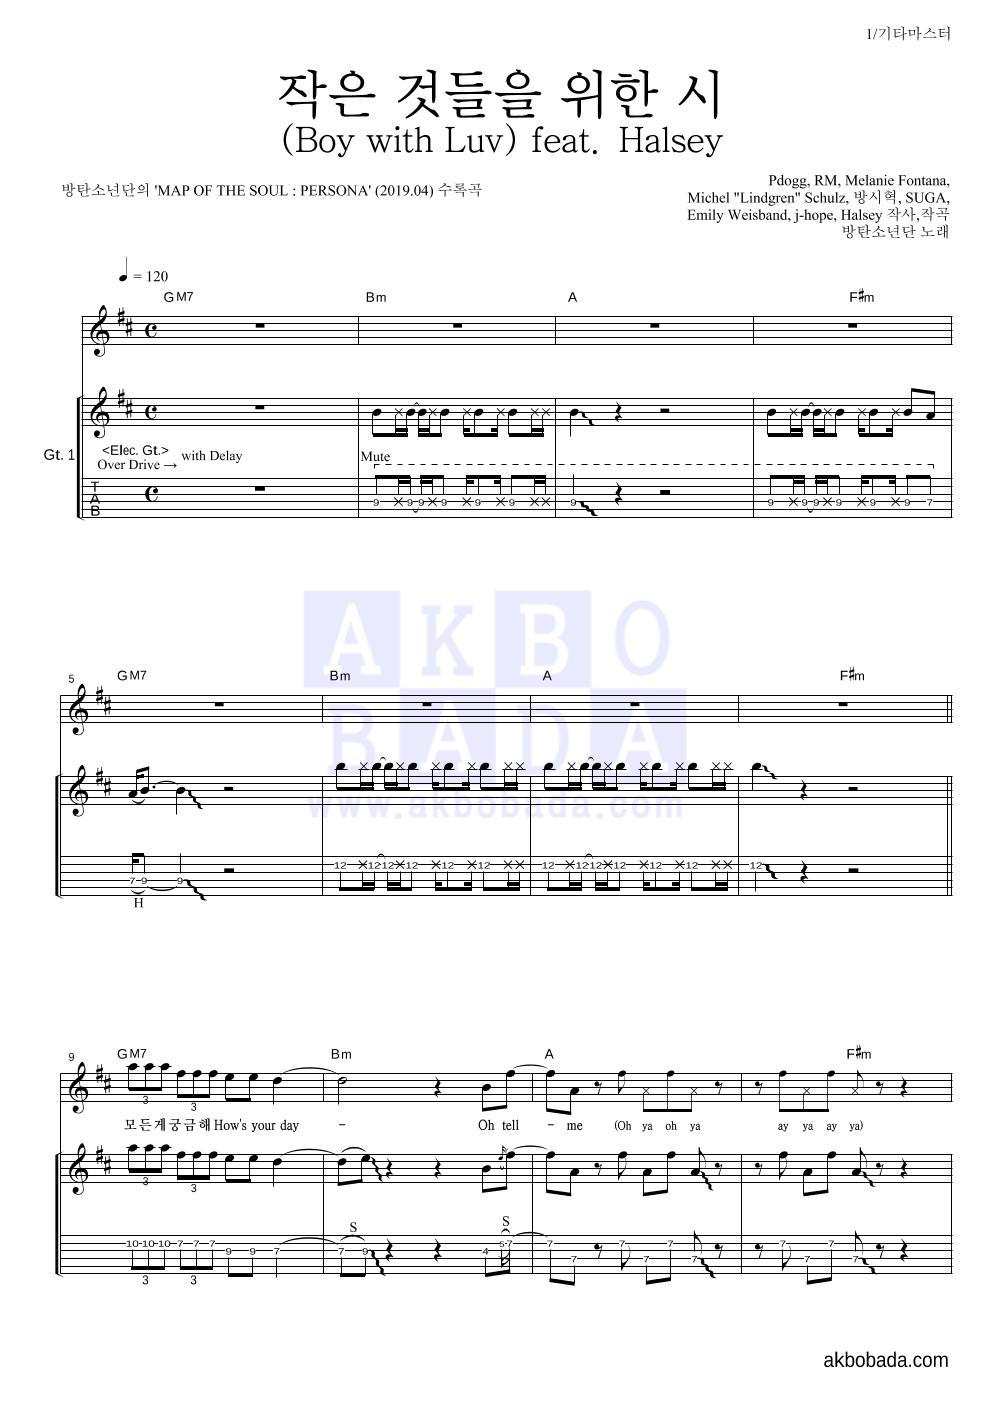 방탄소년단 작은 것들을 위한 시 (Boy With Luv) feat. Halsey 악보